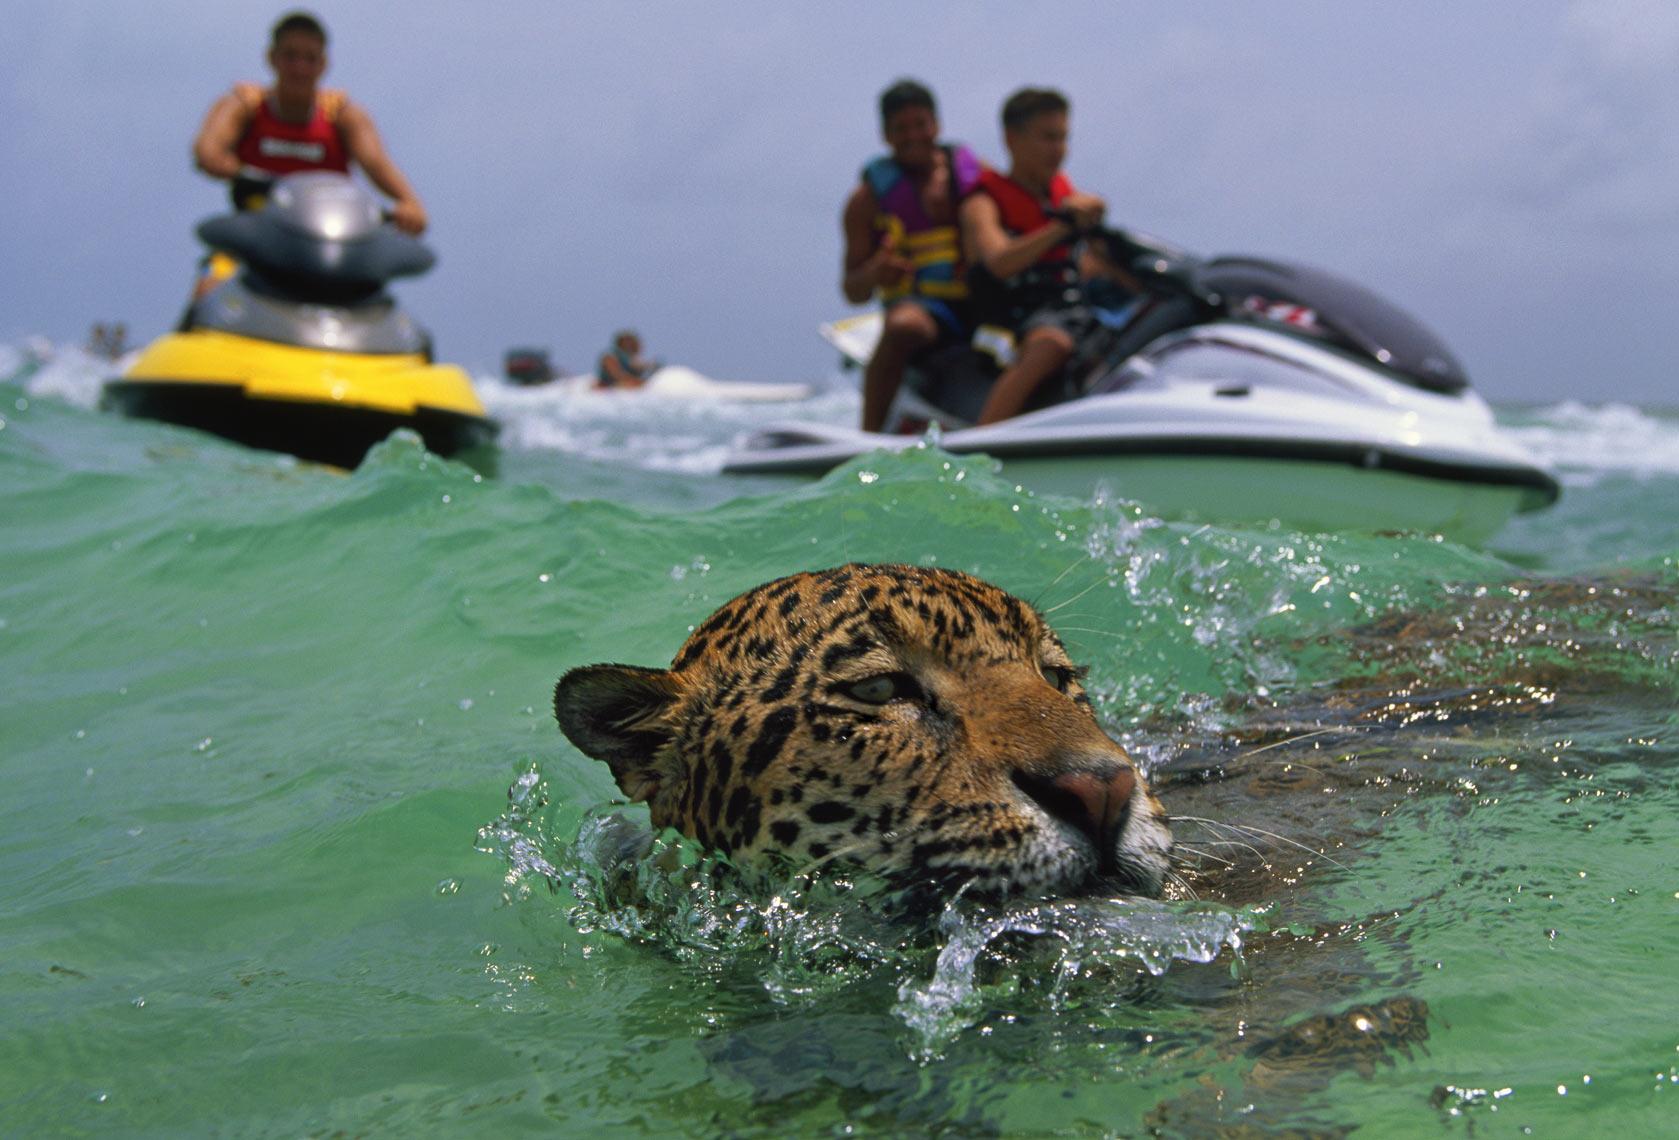 Jaguar in the ocean